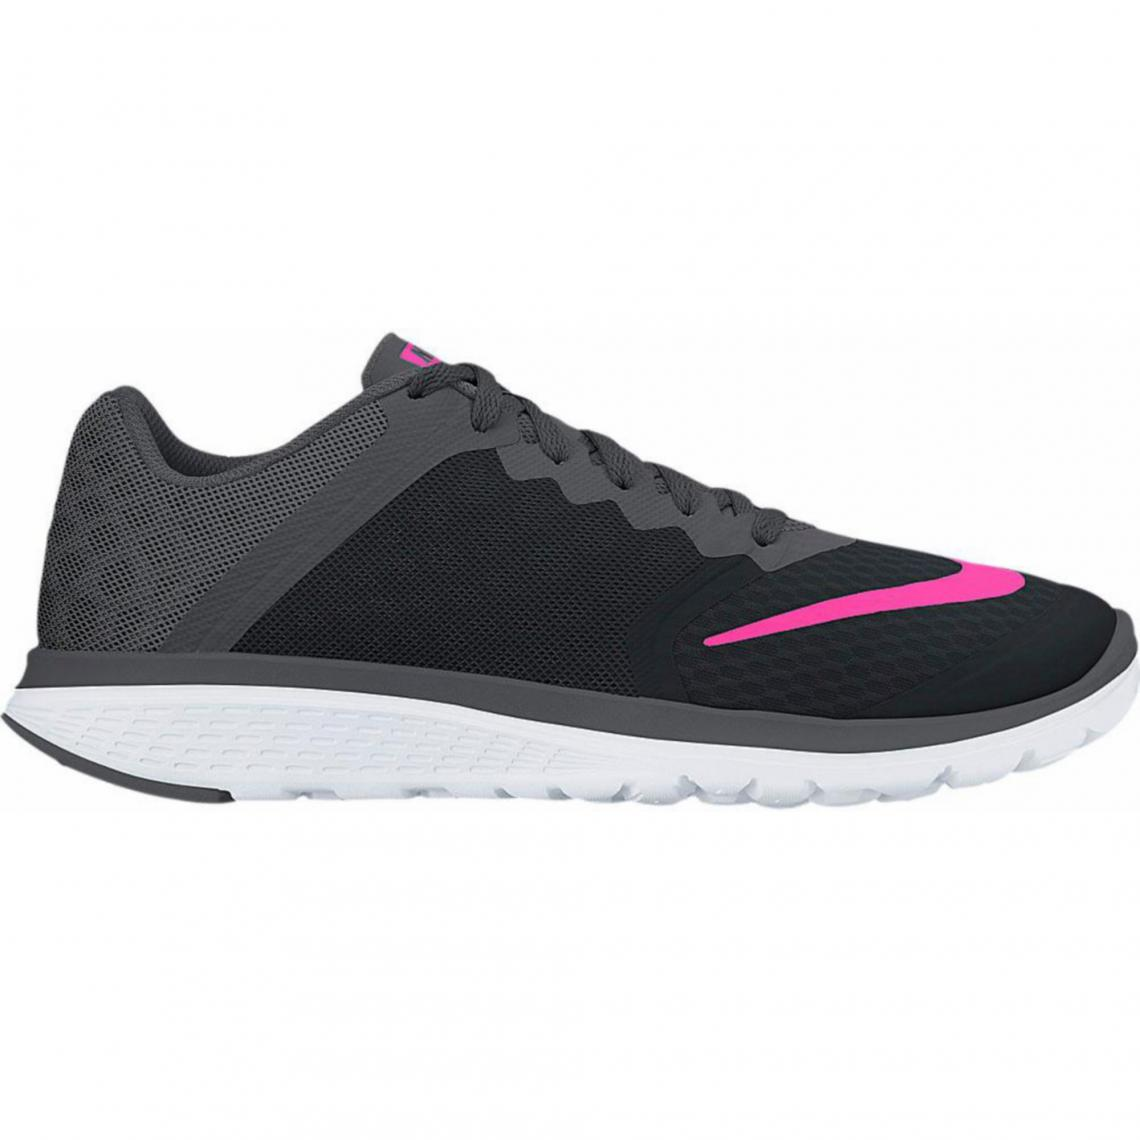 d50336312ed1c Nike FS Lite Run 3 Wmns baskets femme - Noir - Rose Fluo   3Suisses